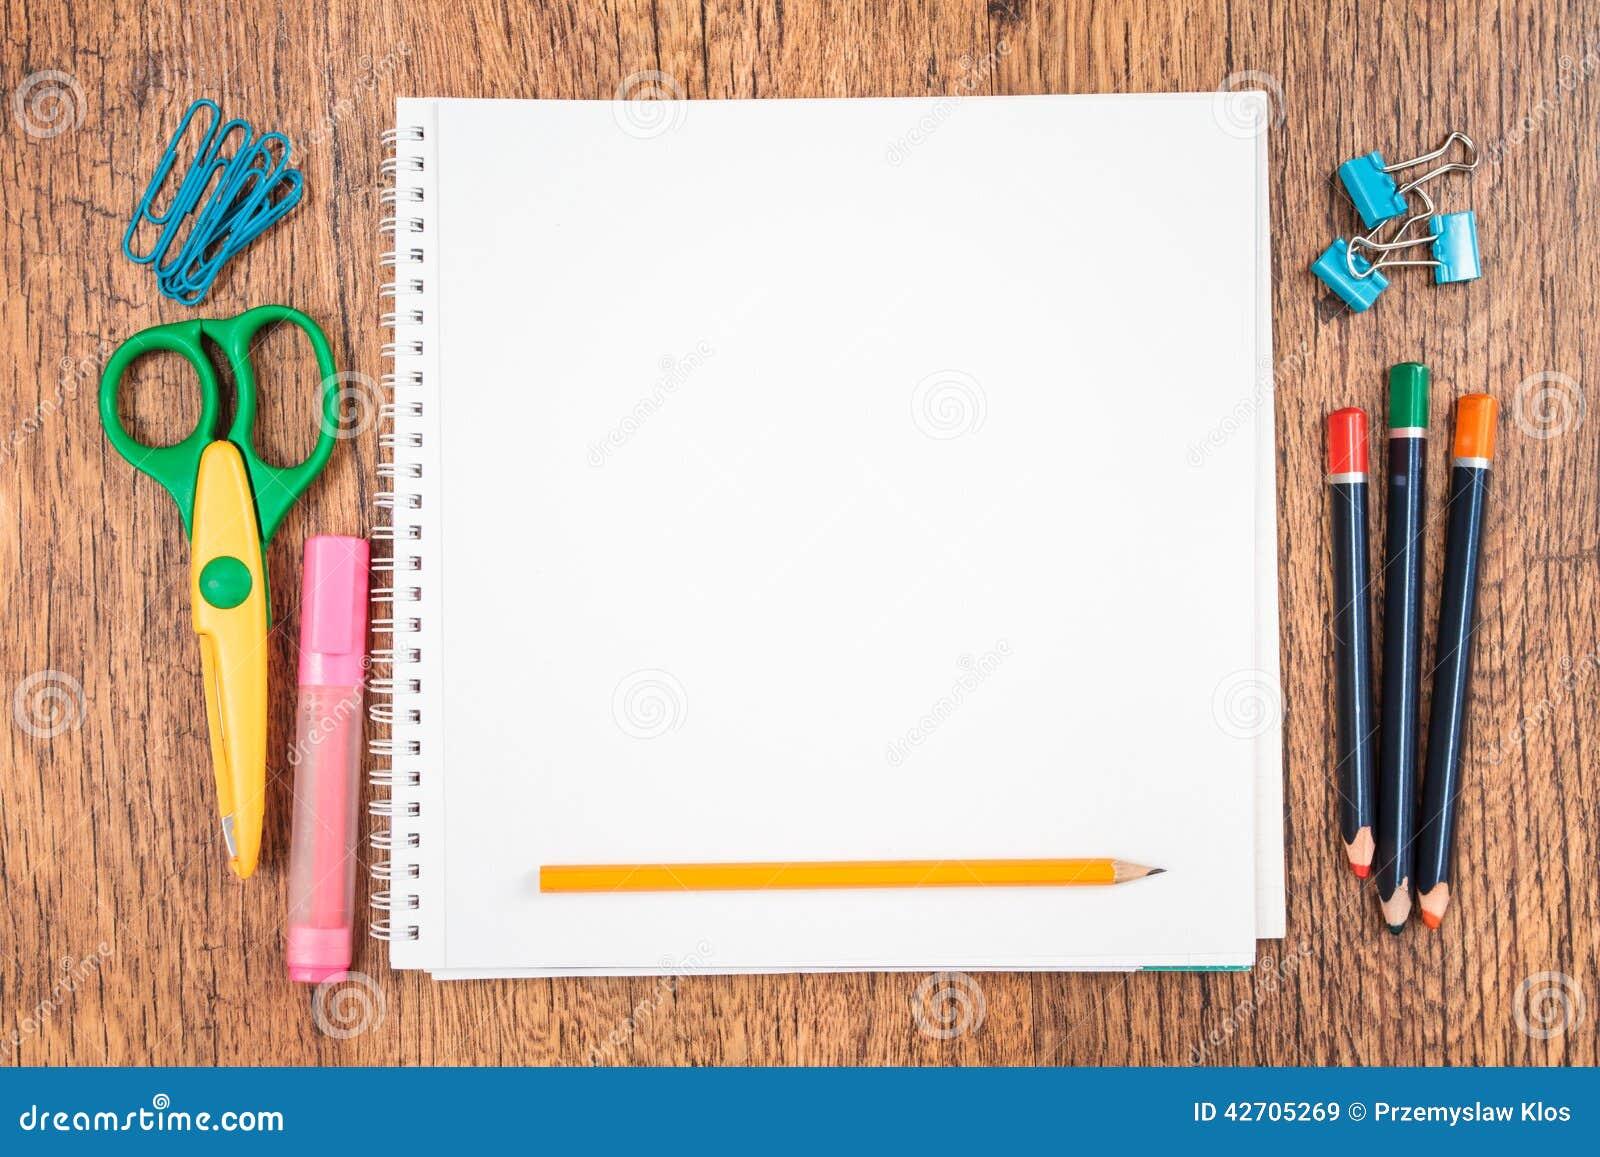 Fondo Utiles Escolares Vector: Accessoires D'école Sur Un Bureau Image Stock